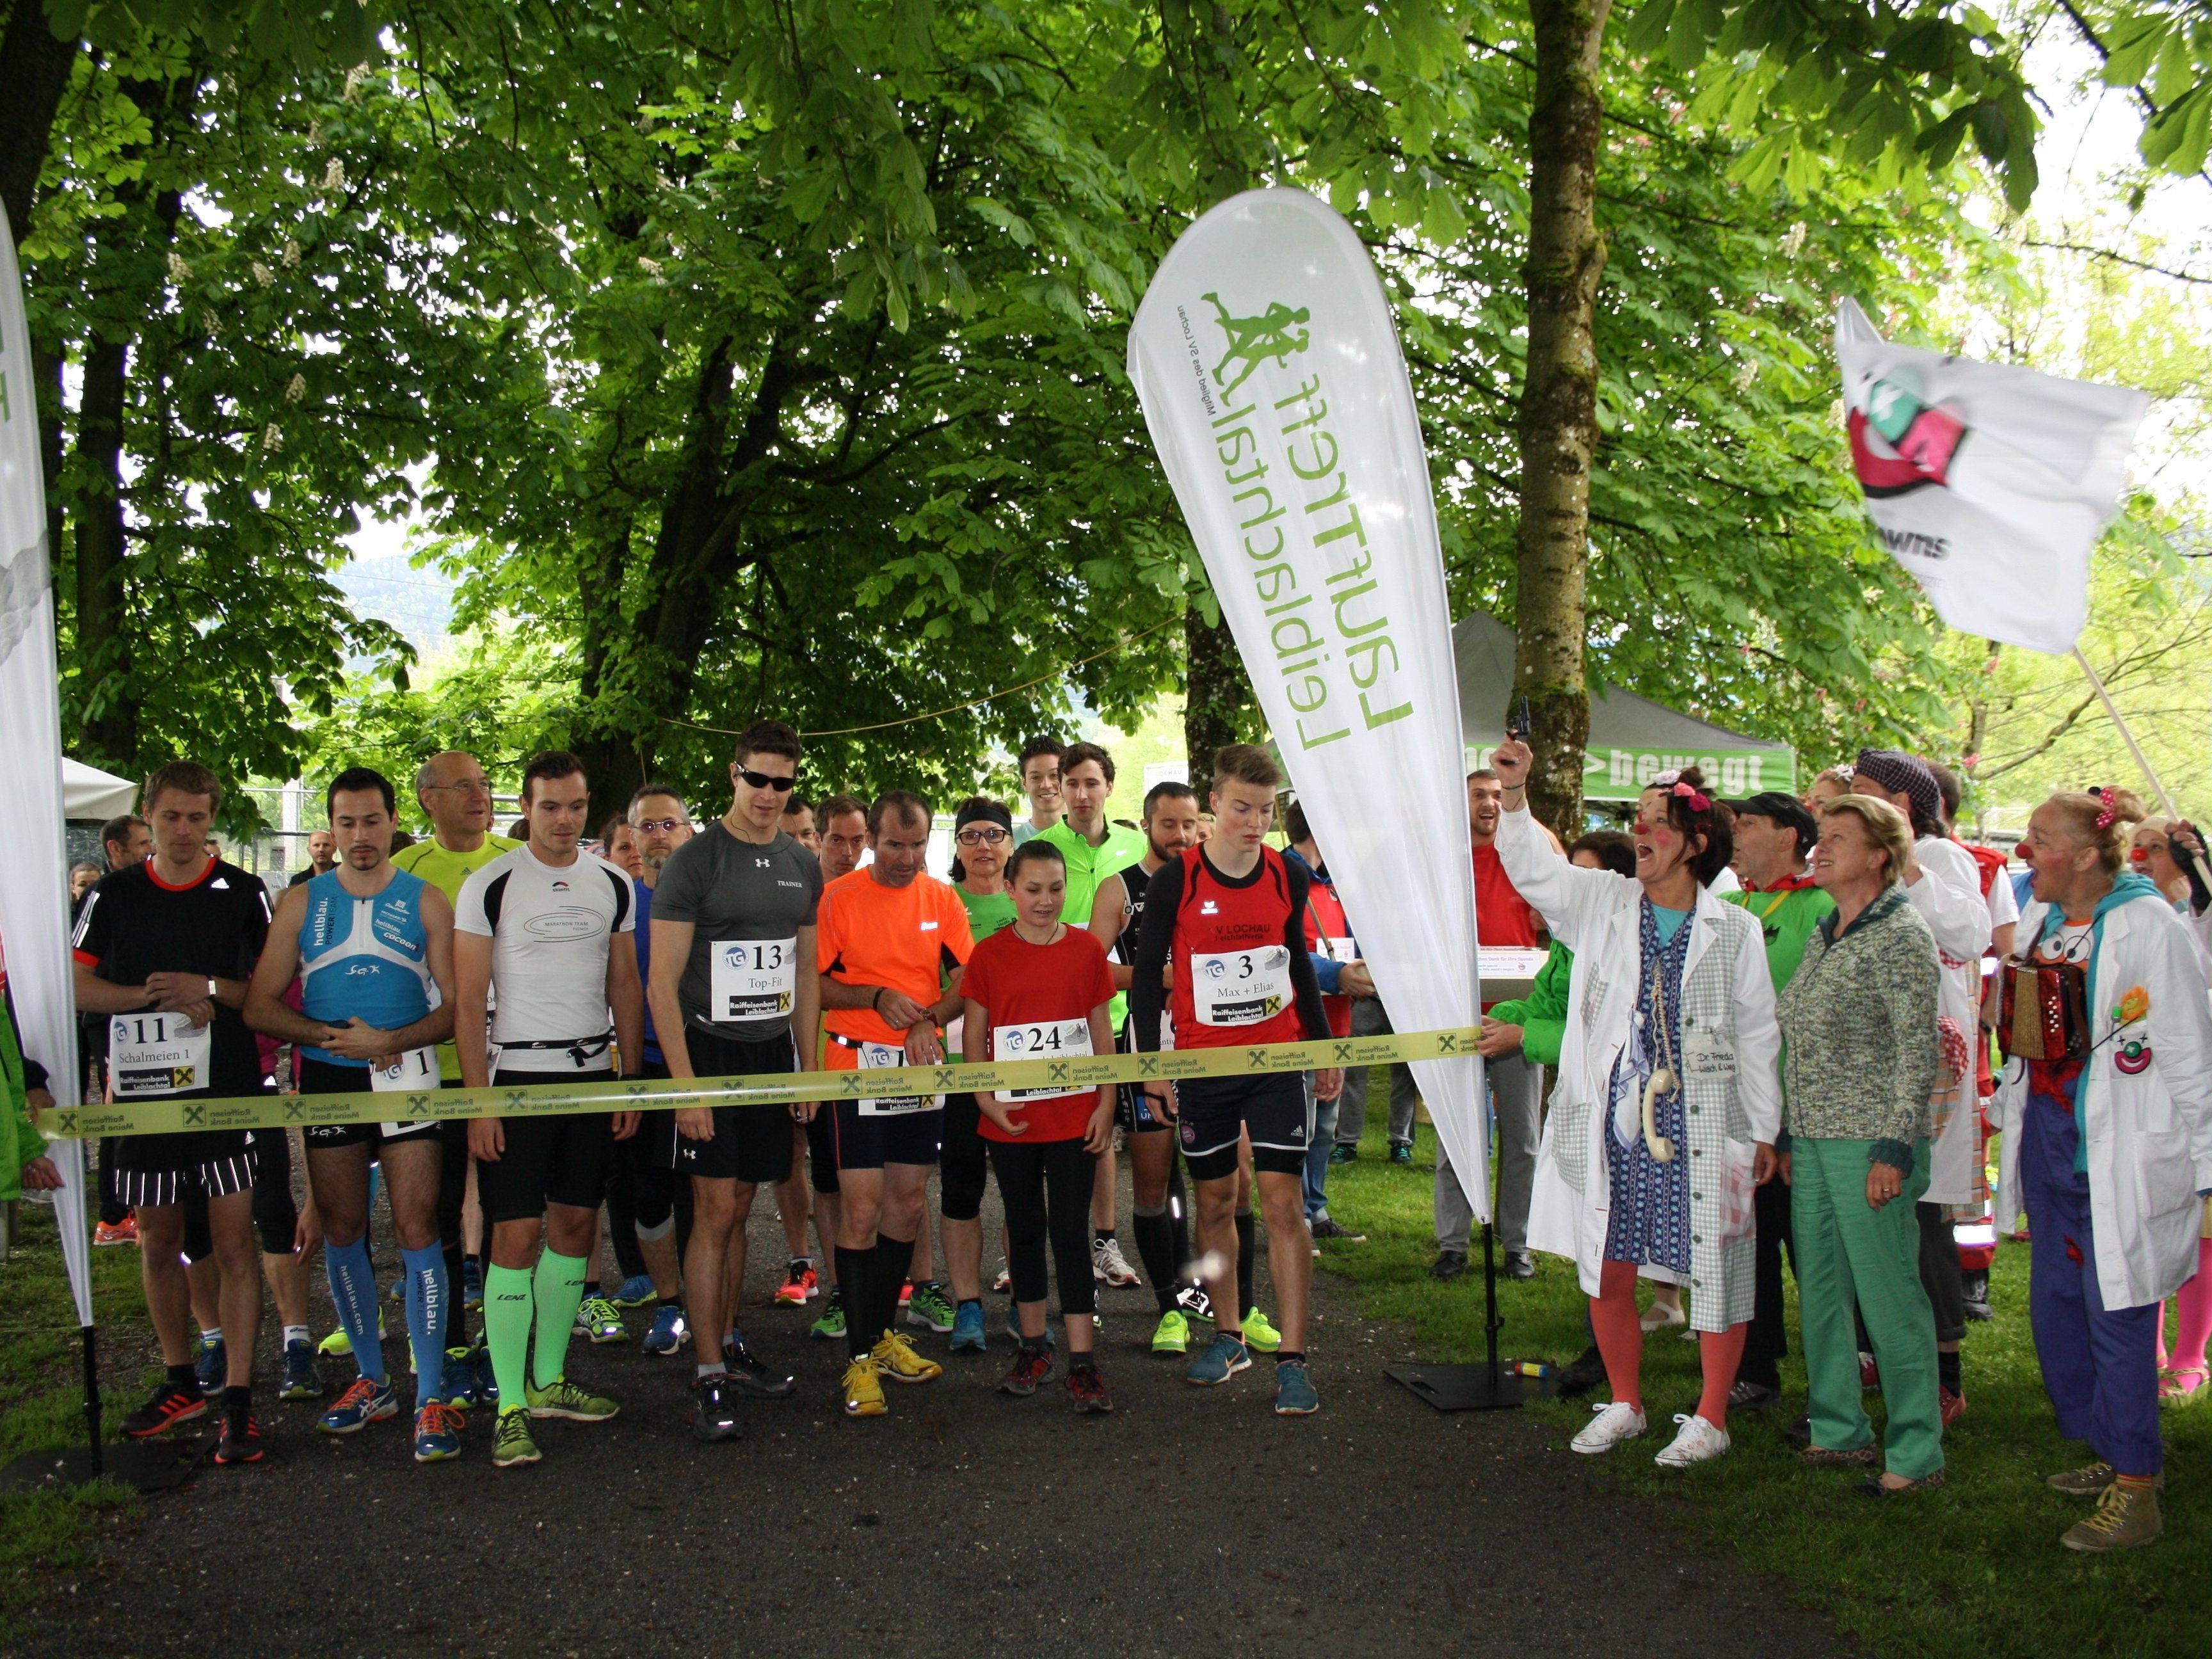 """Start zum 2. Charity-Lauf-Event """"Loufa und Healfa"""" in Lochau am Bodensee, veranstaltet von der Laufsportgruppe """"LaufTreff Leiblachtal""""."""